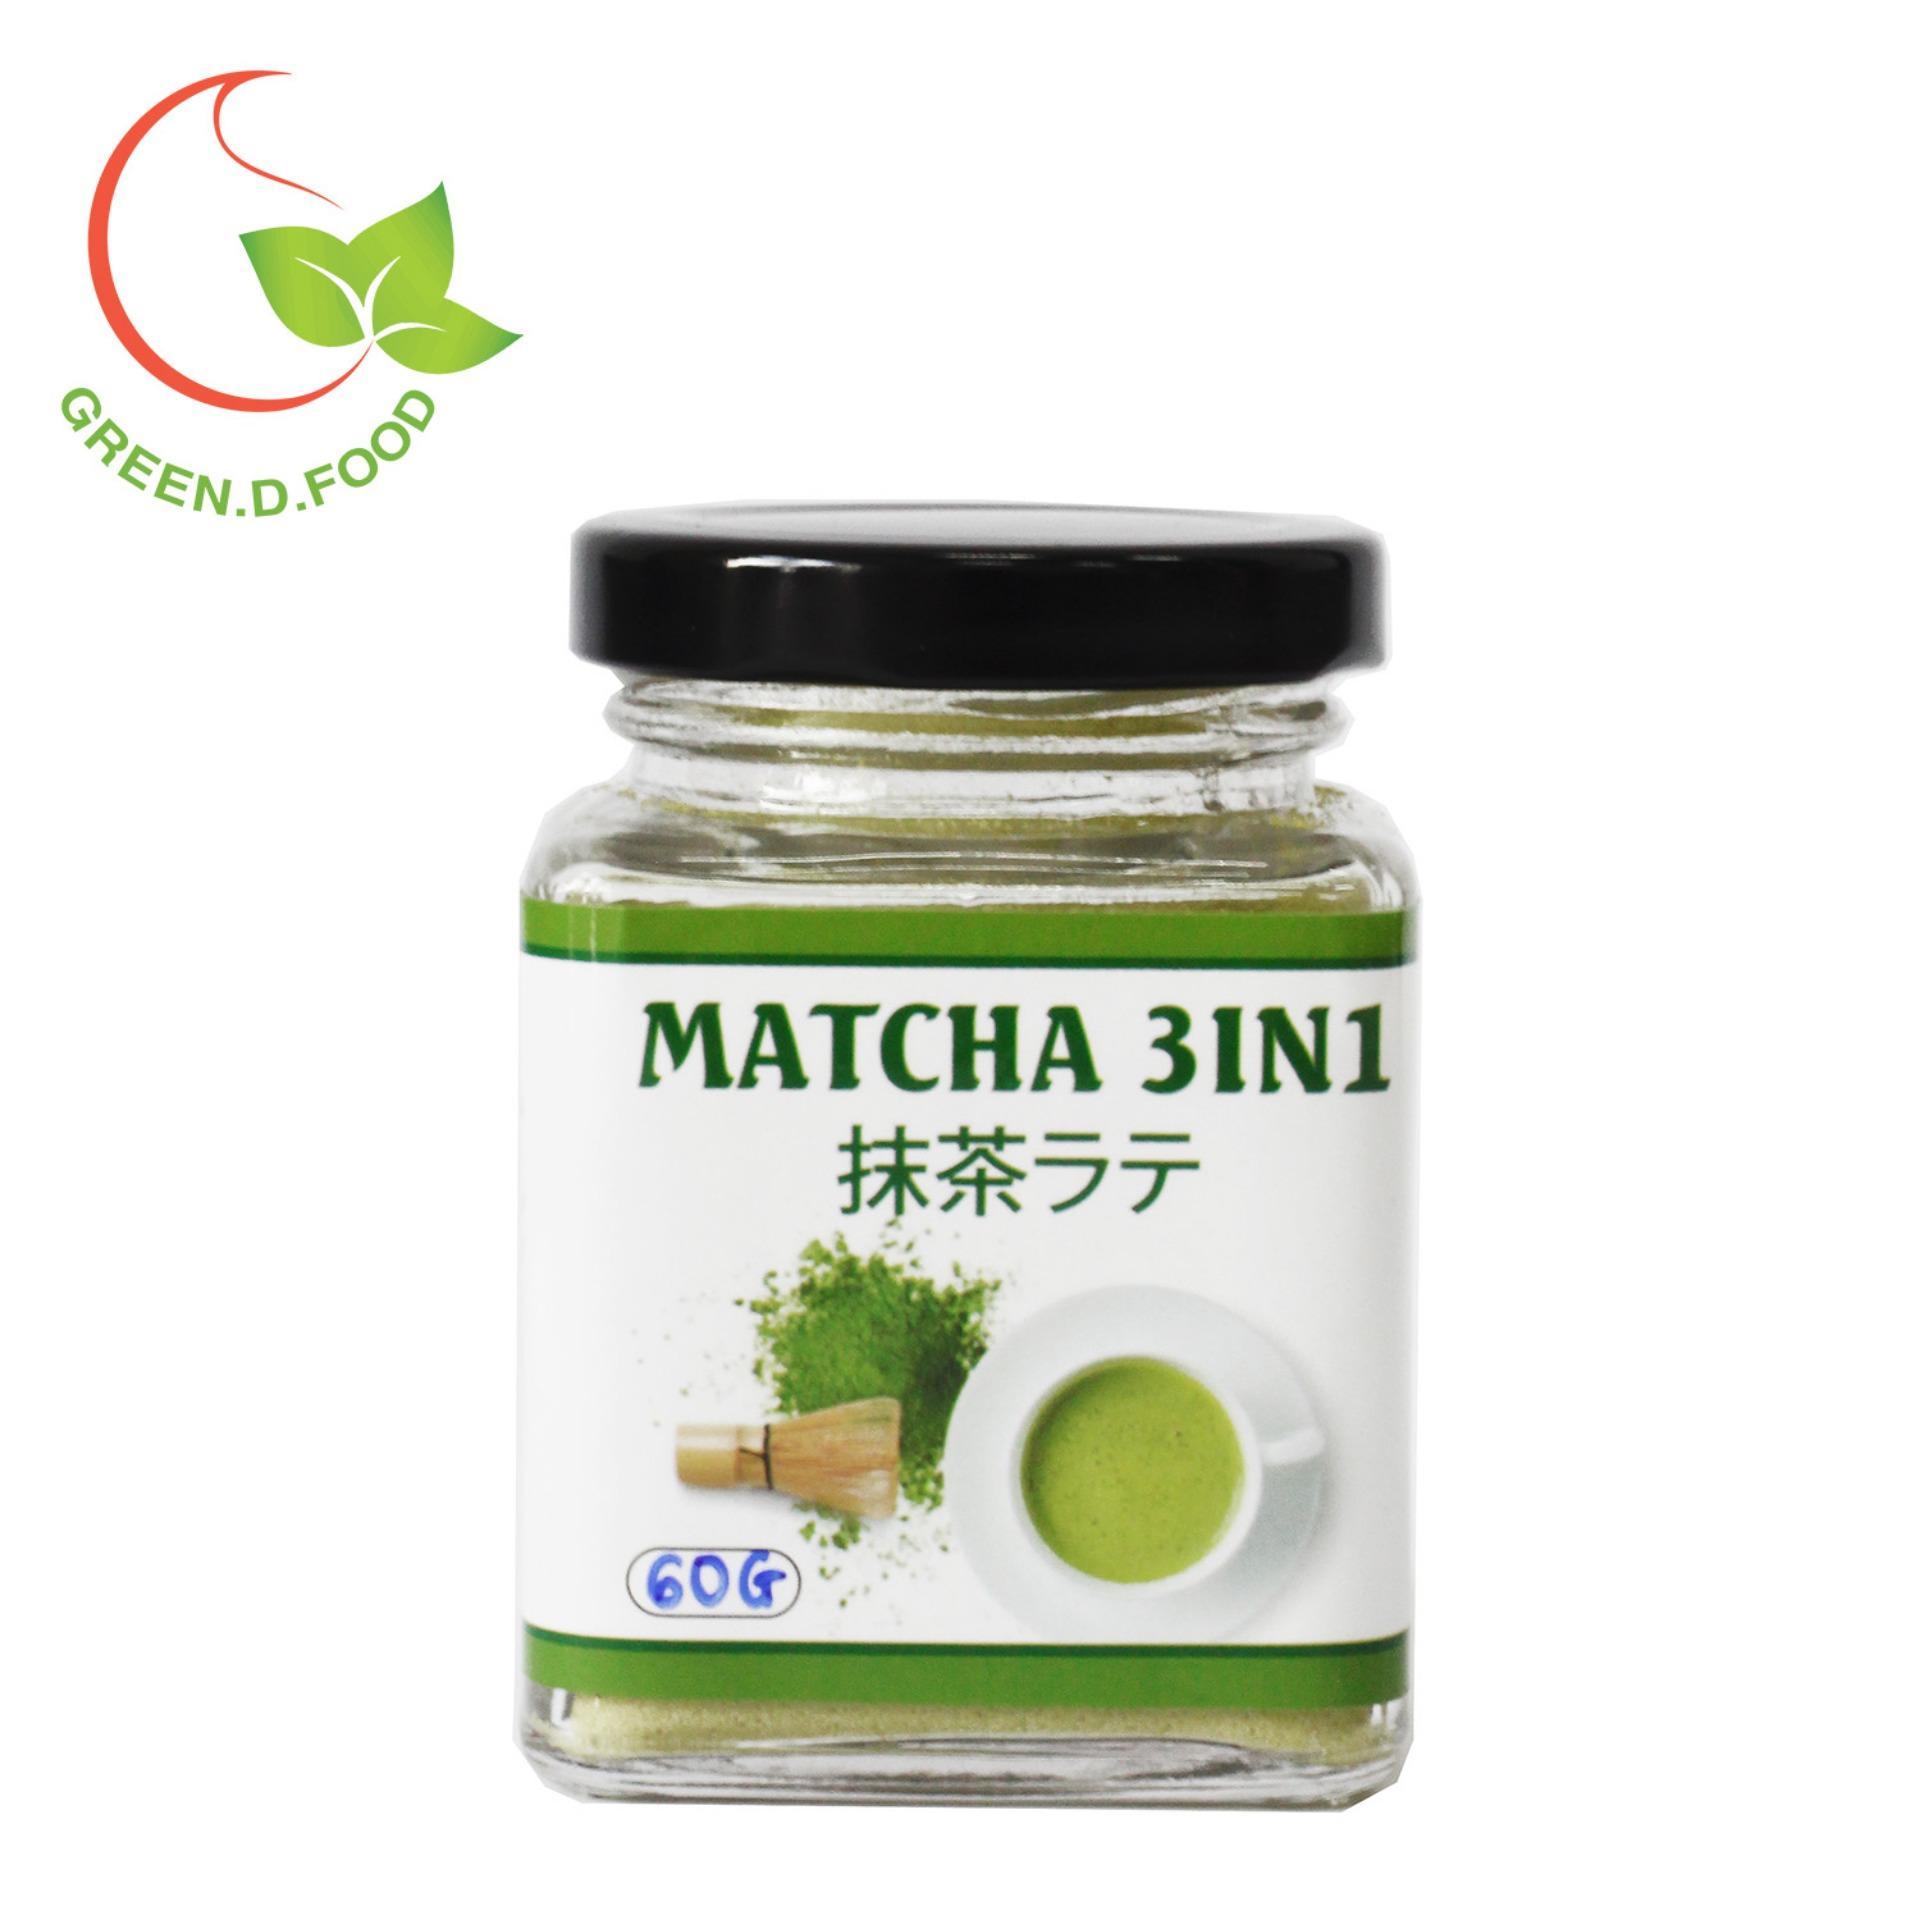 Trà matcha Nhật 3in1 (trà xanh sữa) - GreenD Food - Hũ 60g